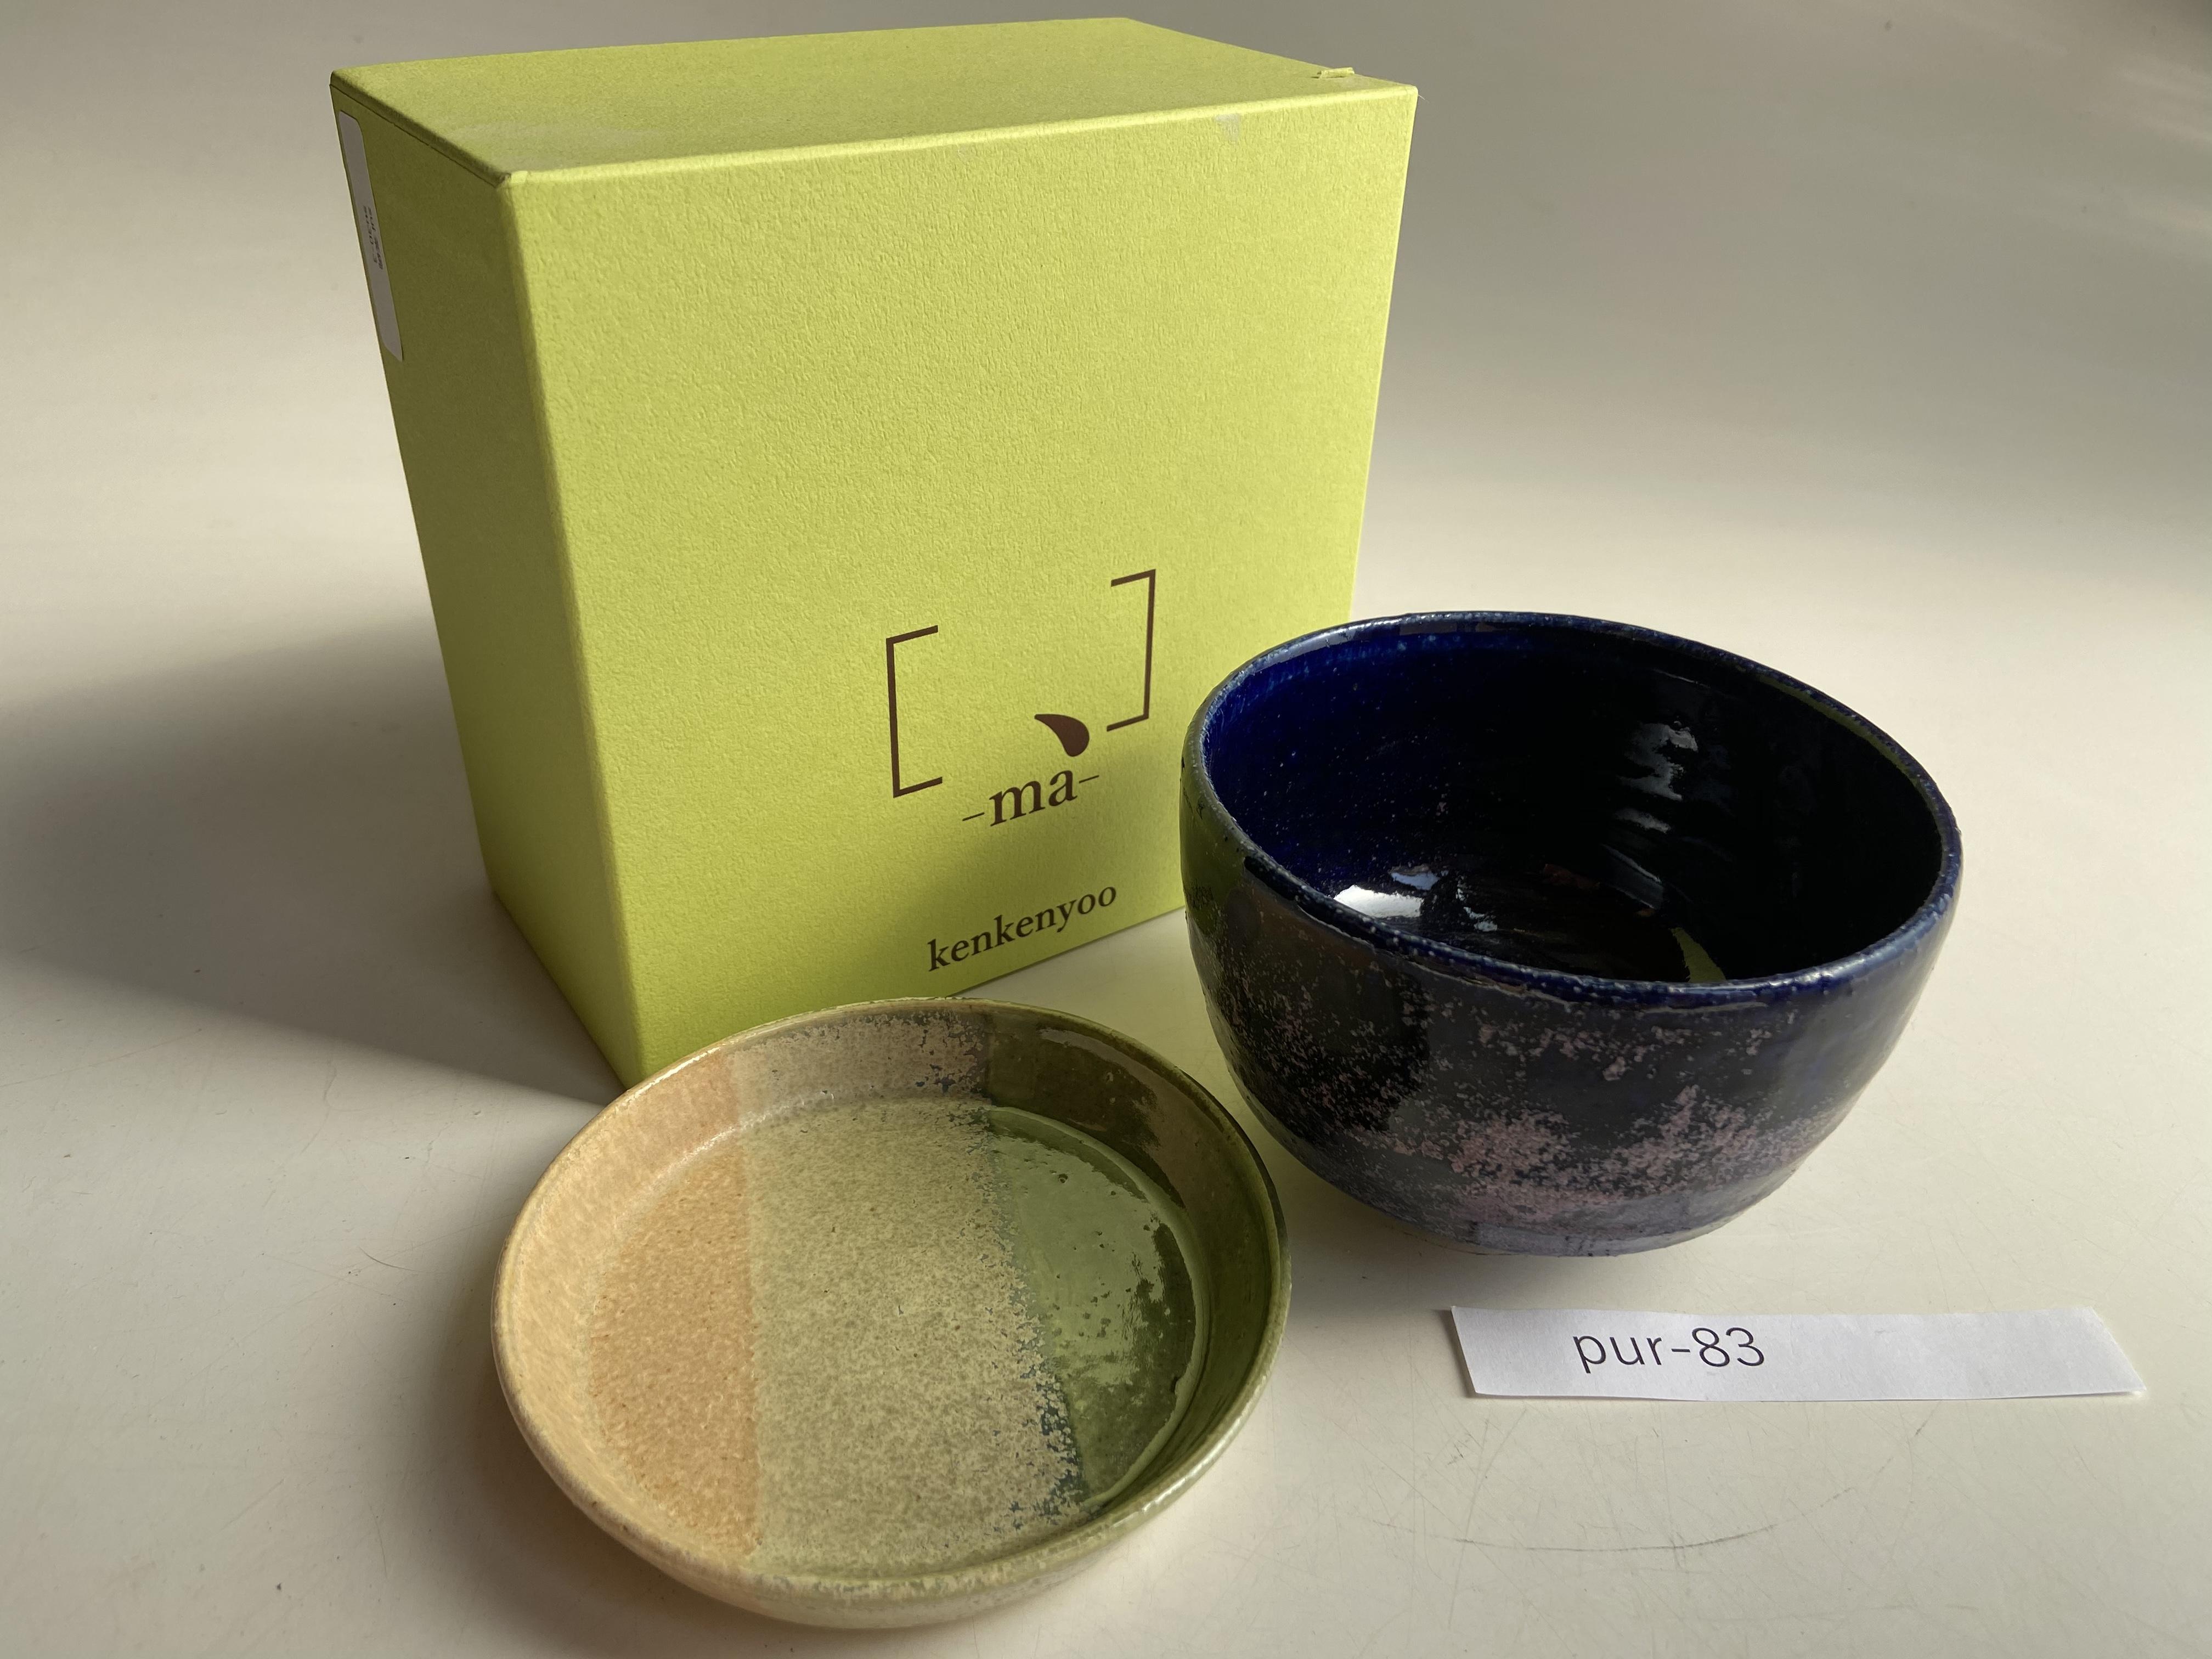 カジュアル抹茶シンプルセット pur-83